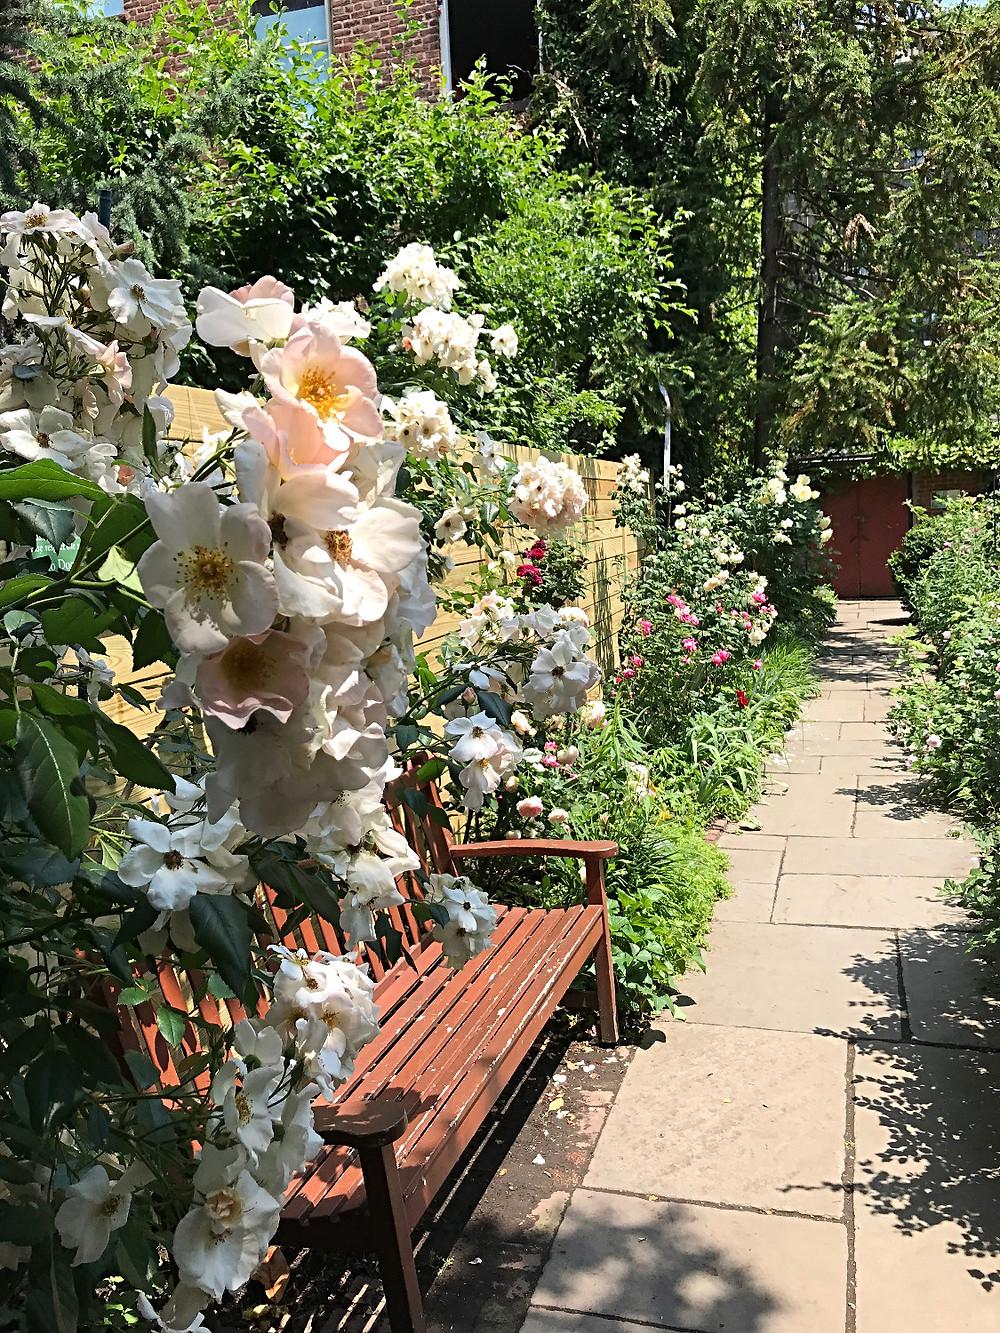 nyc gardens, west village, st luke's garden, nyc kids, nyc summer